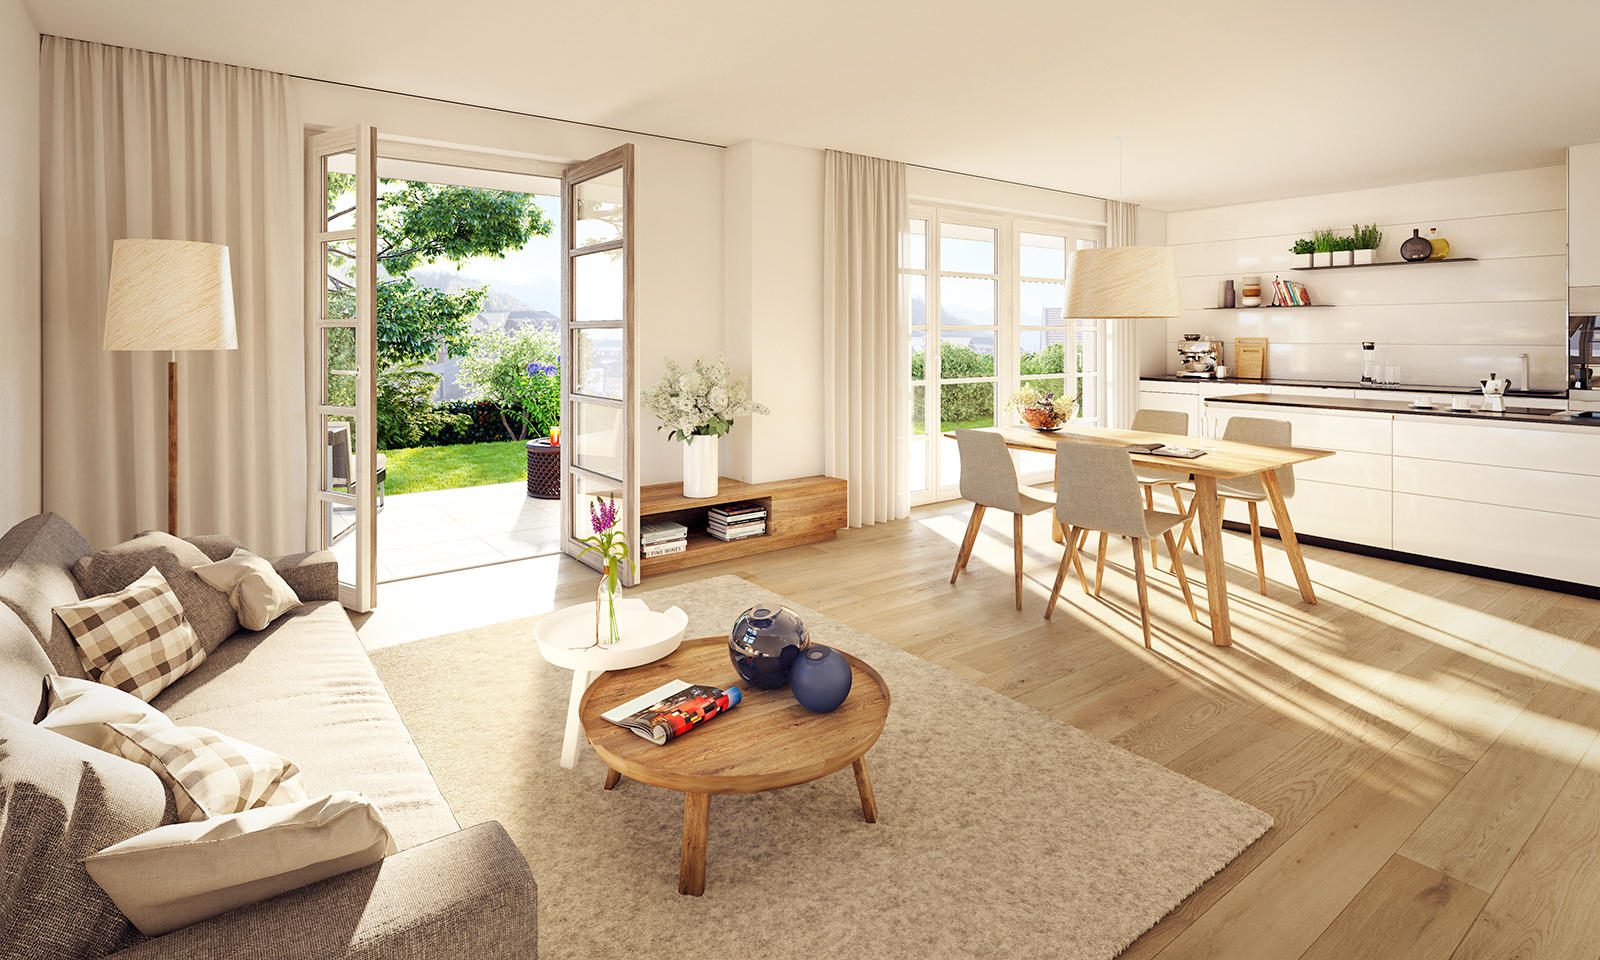 Quartier Tegernsee – Exklusive Eigentumswohnungen & Appartements Tegernsee